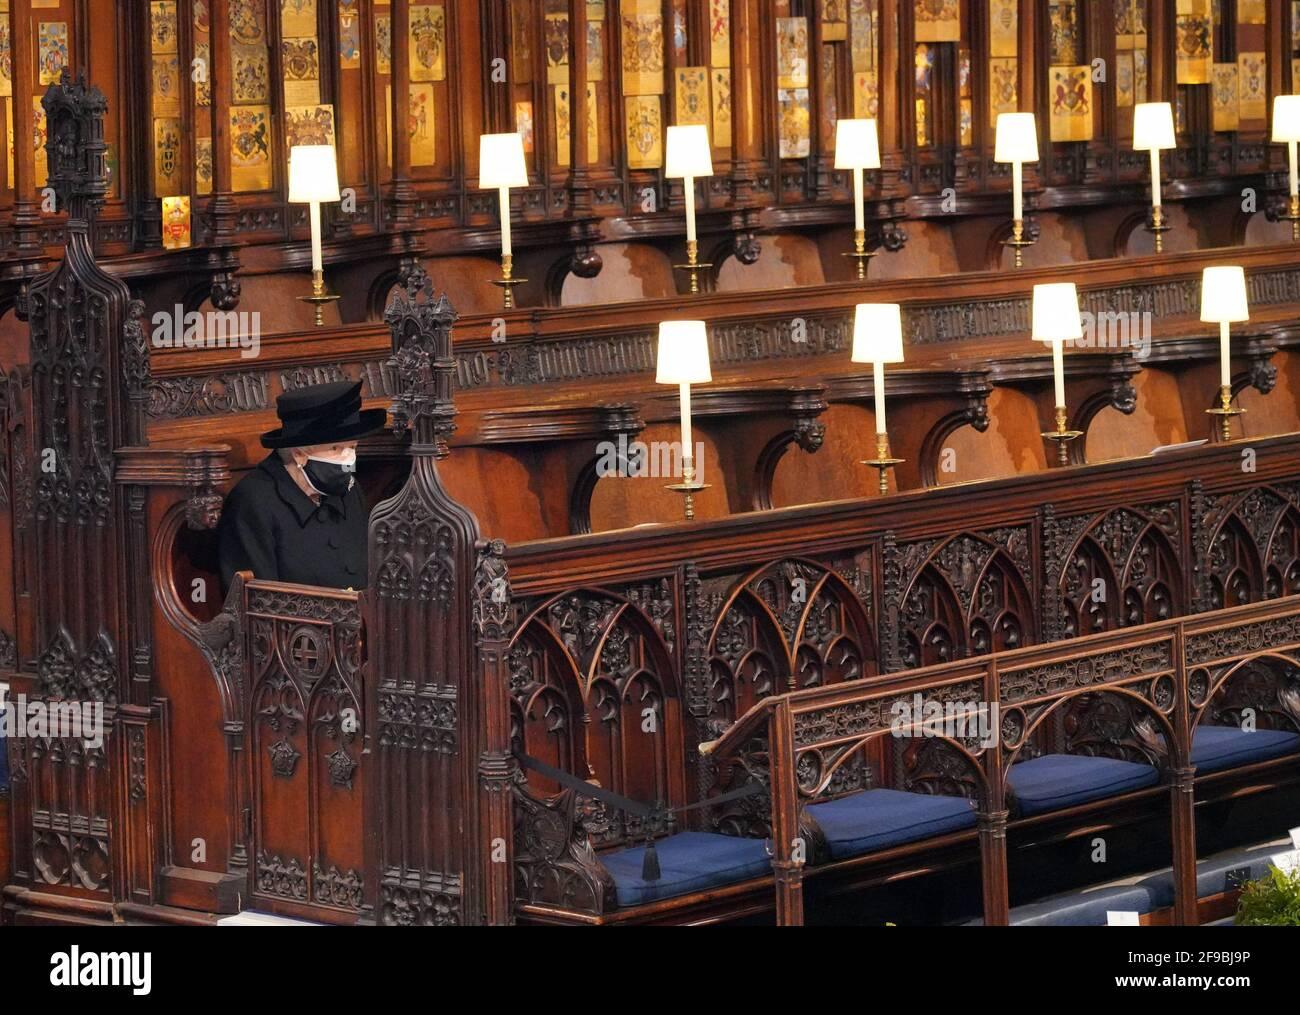 La regina Elisabetta II prende posto per i funerali del duca di Edimburgo nella St George's Chapel, Castello di Windsor, Berkshire. Data immagine: Sabato 17 aprile 2021. Foto Stock